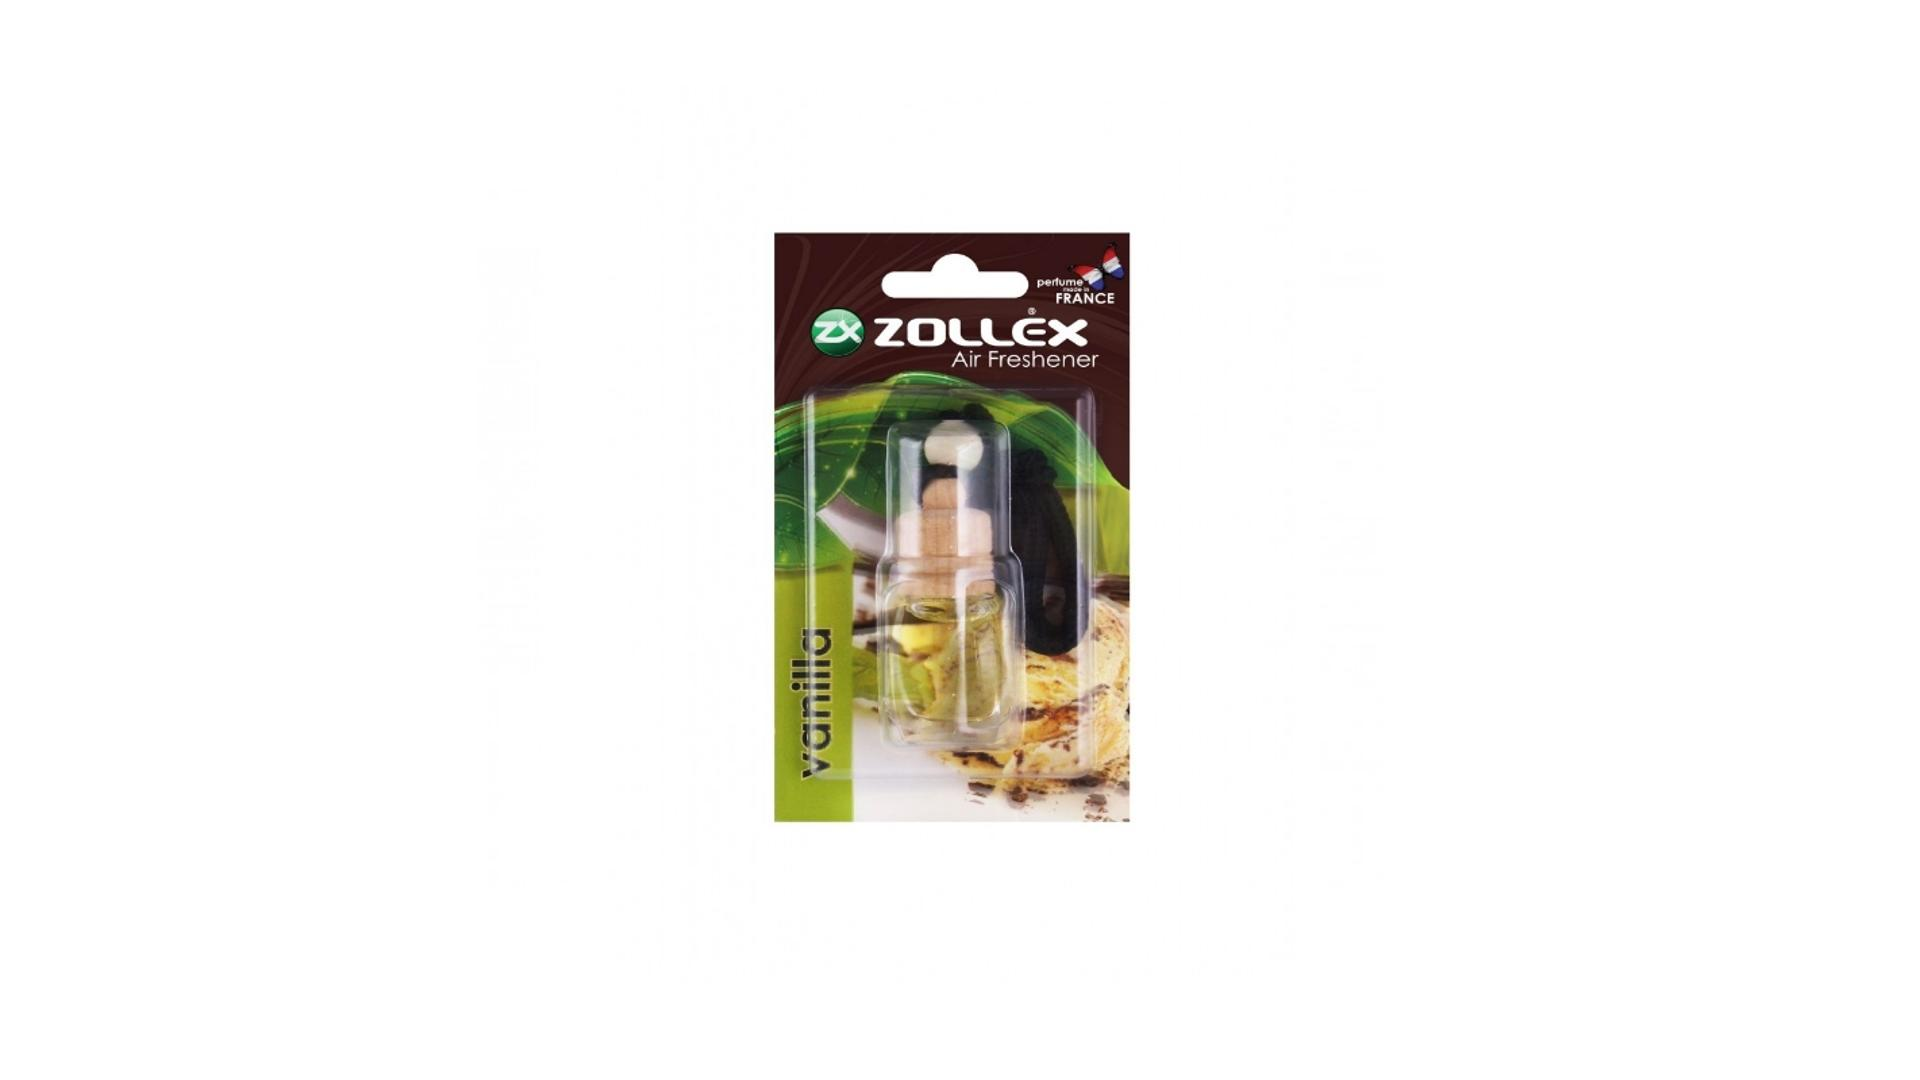 ZOLLEX Osviežovač vzduchu - vanilka 8 ml (17VA)